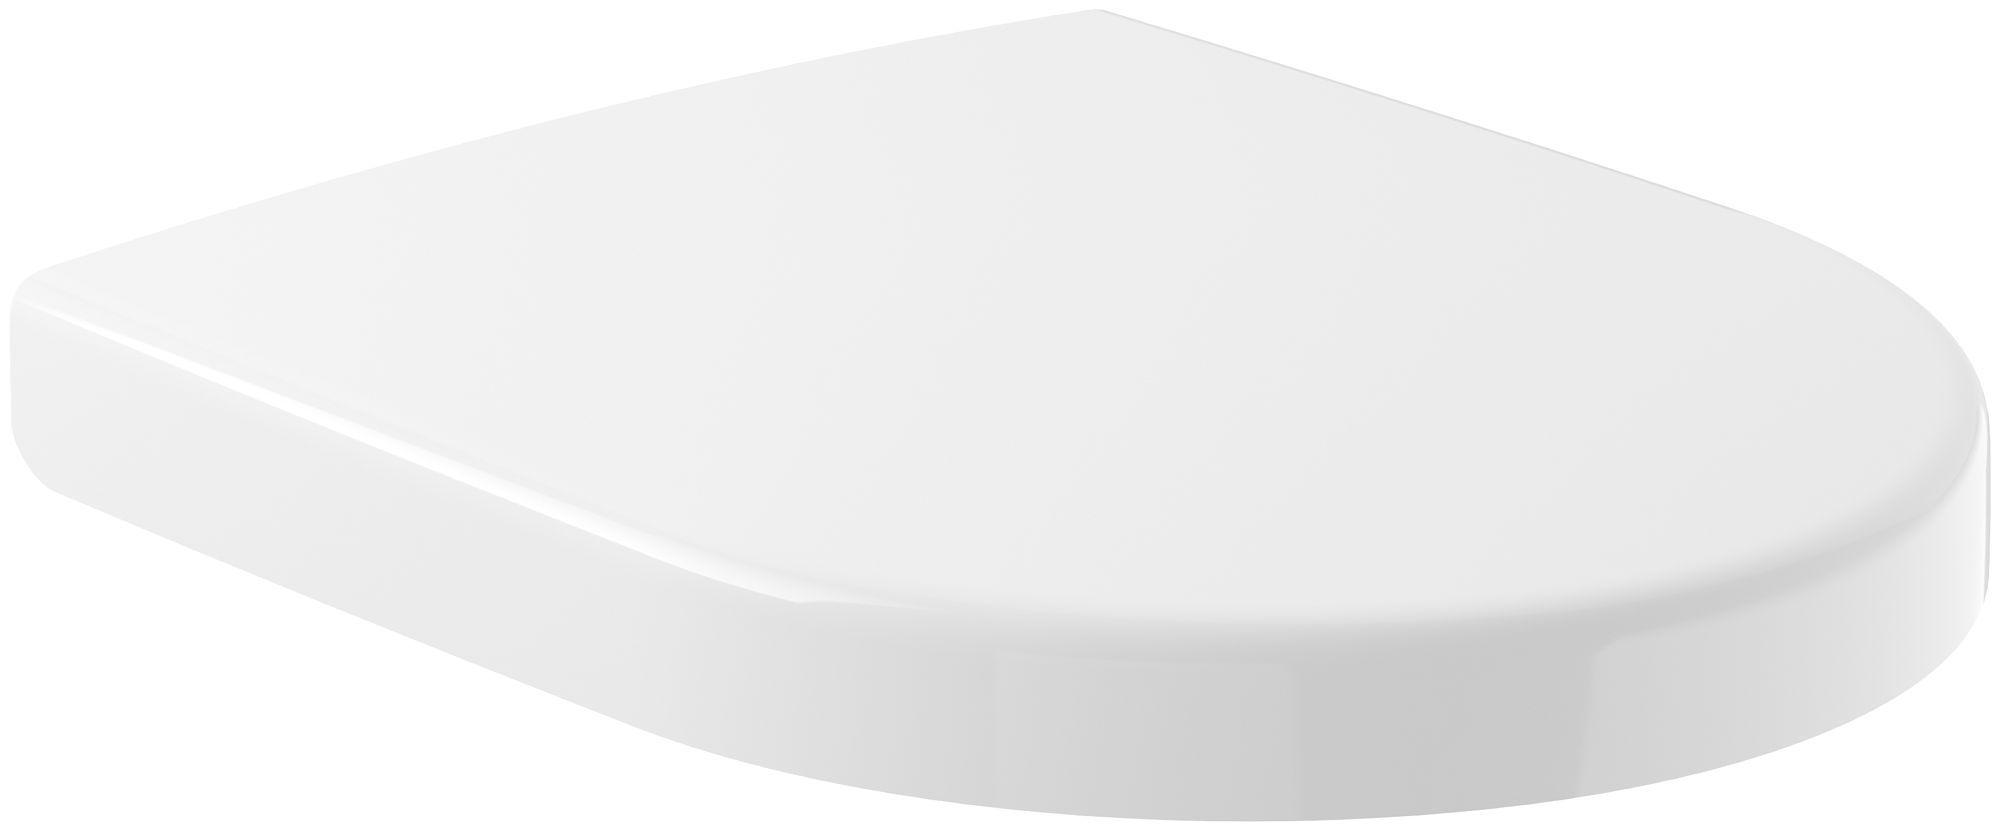 Villeroy & Boch Subway WC-Sitz 9M66Q101 weiß mit Quick-Release